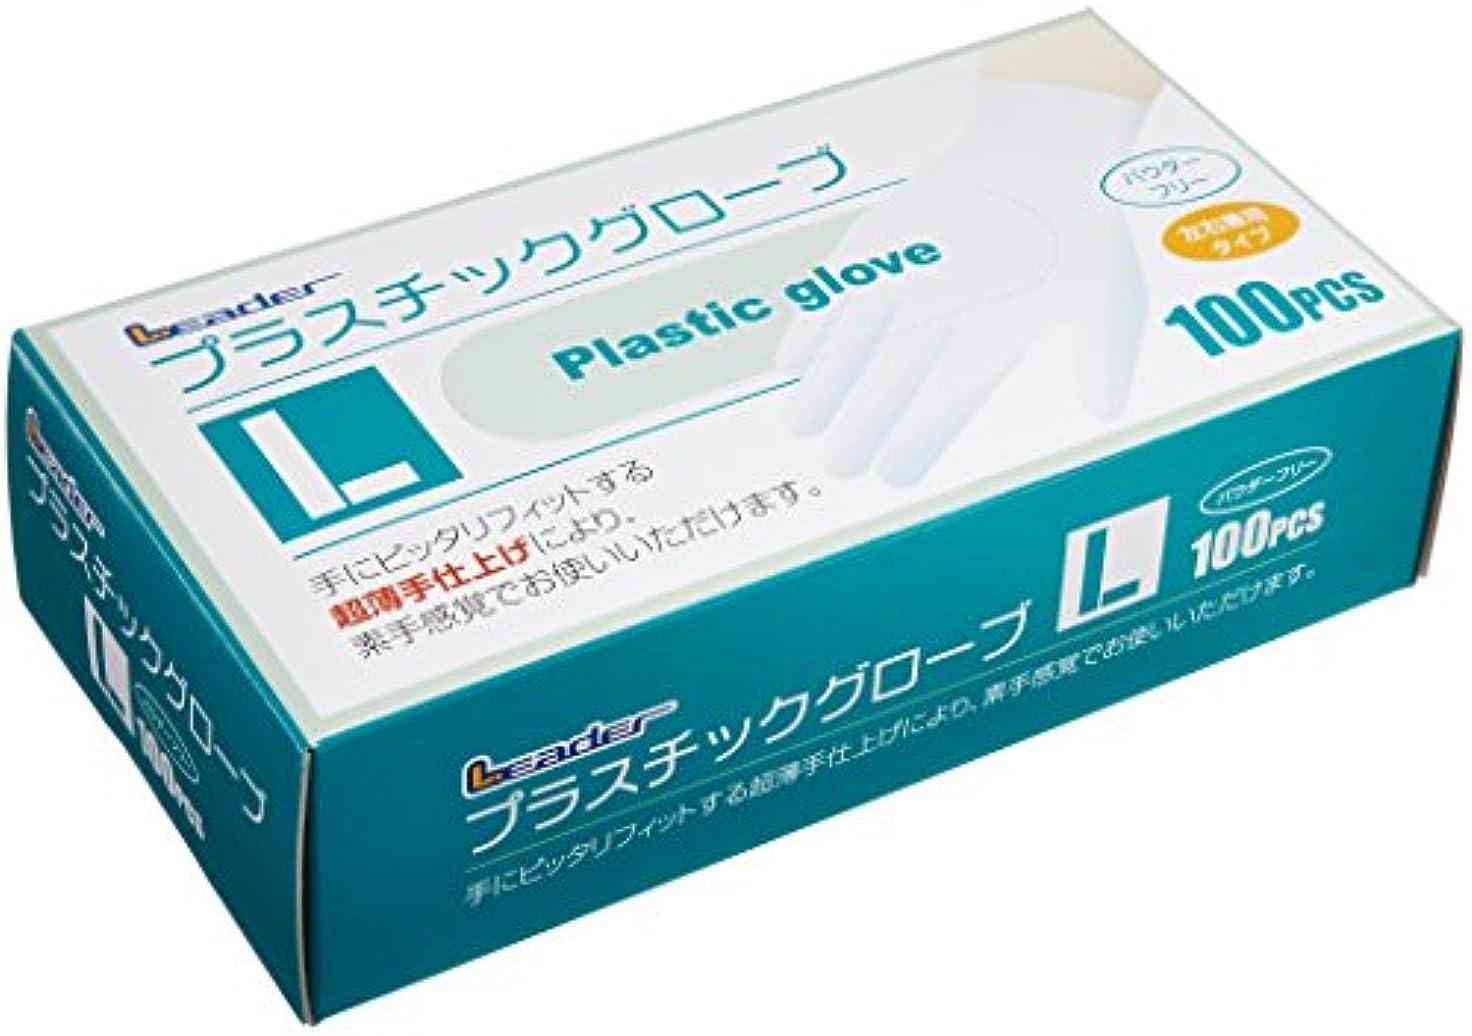 偽物マニアック包括的リーダー プラスチックグローブ Lサイズ 100枚入